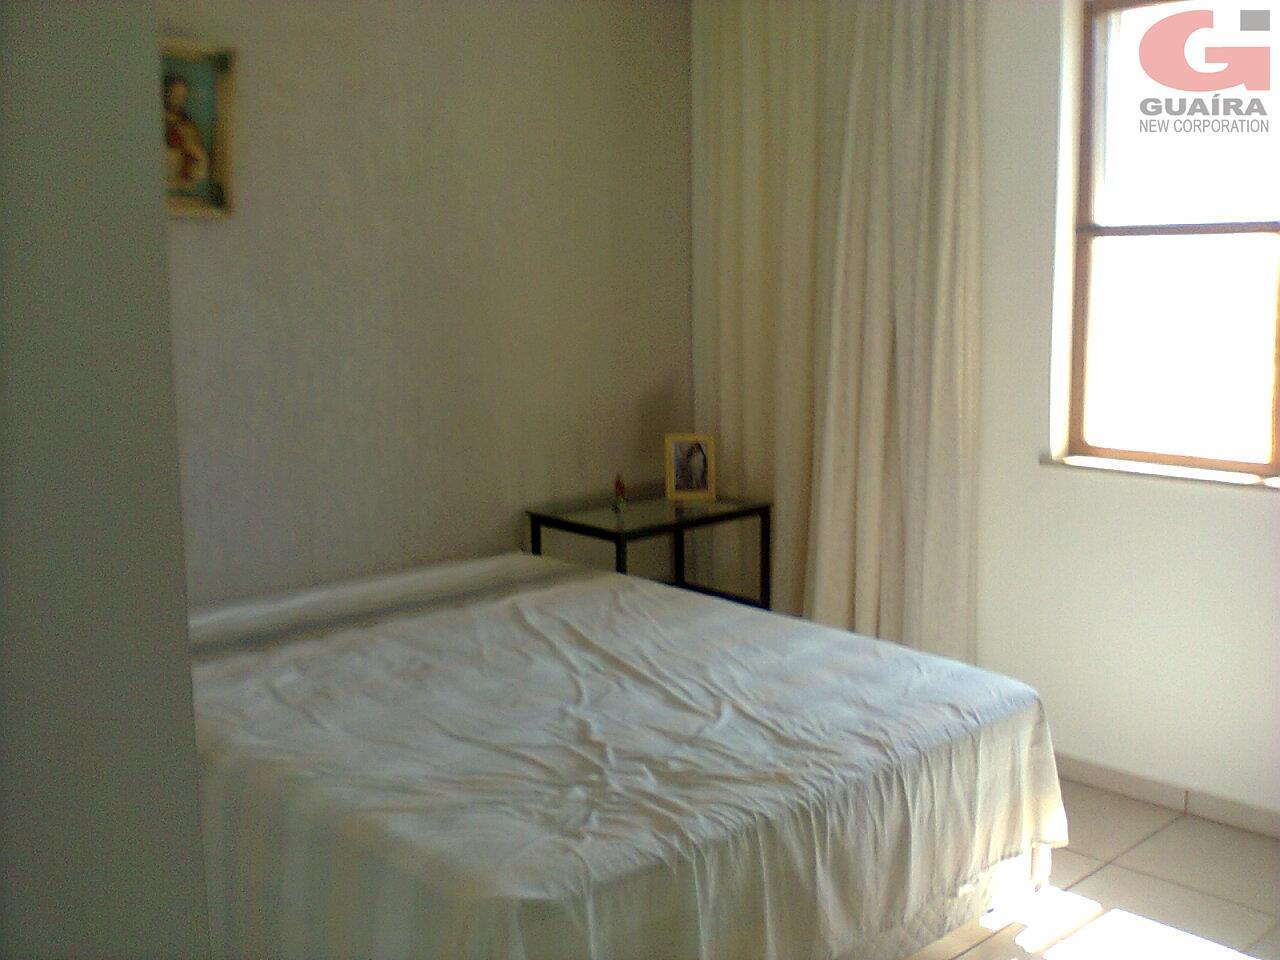 Sobrado de 3 dormitórios à venda em Casa Branca, Santo André - SP